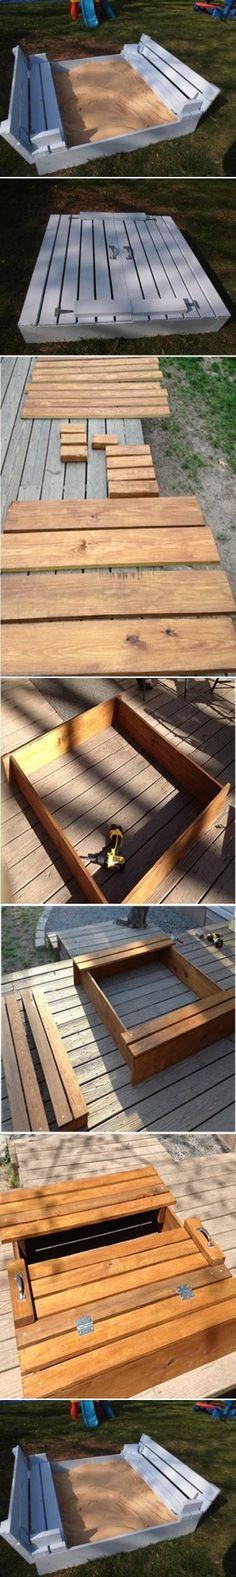 DIY Sandbox DIY Sandbox by diyforever